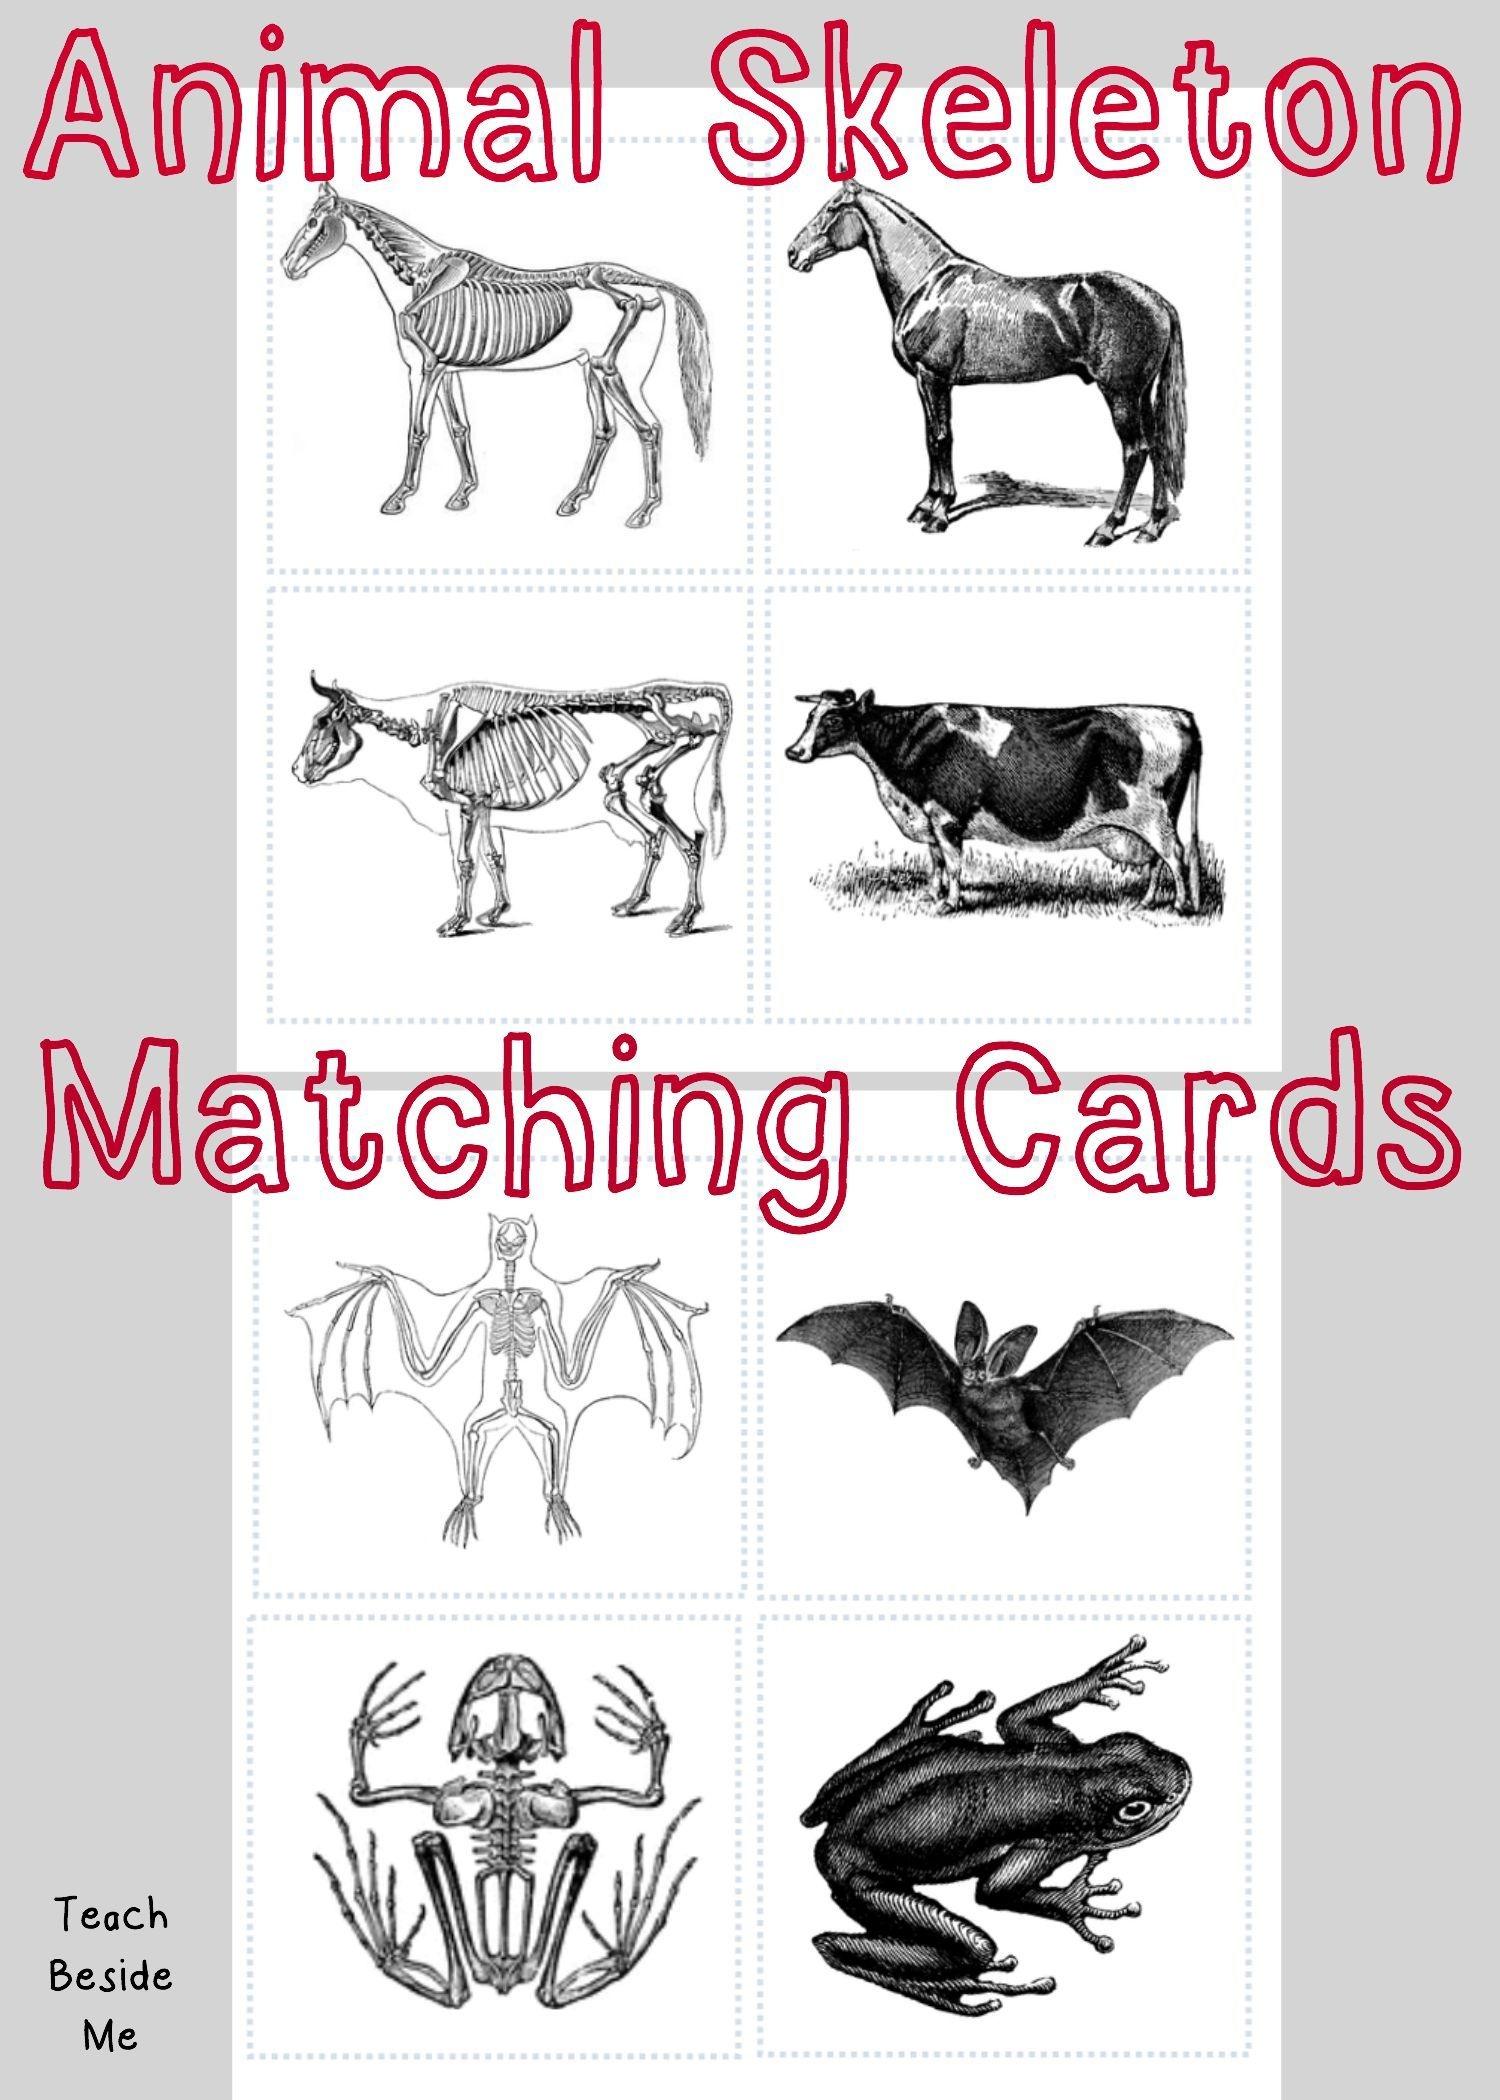 Animal Skeleton Matching Cards   احياء   Animal Skeletons, Animal - Free Printable Animal X Rays